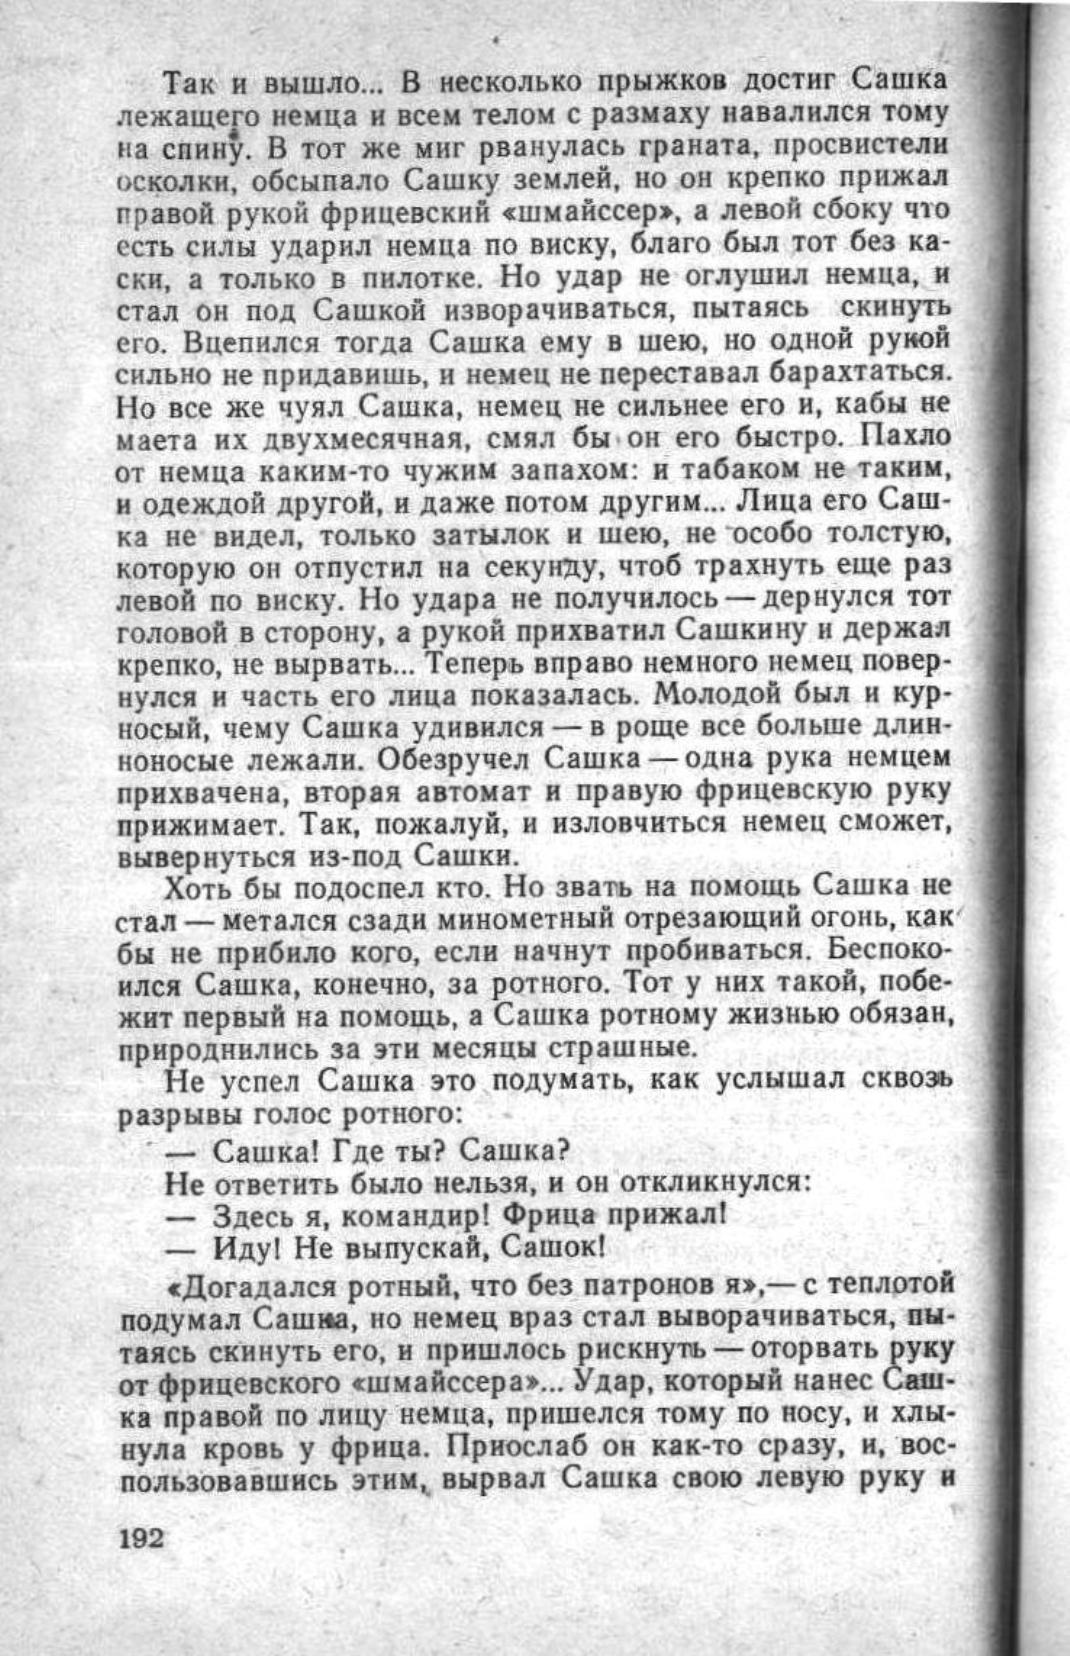 Сашка. Повесть. Вячеслав Кондратьев 011